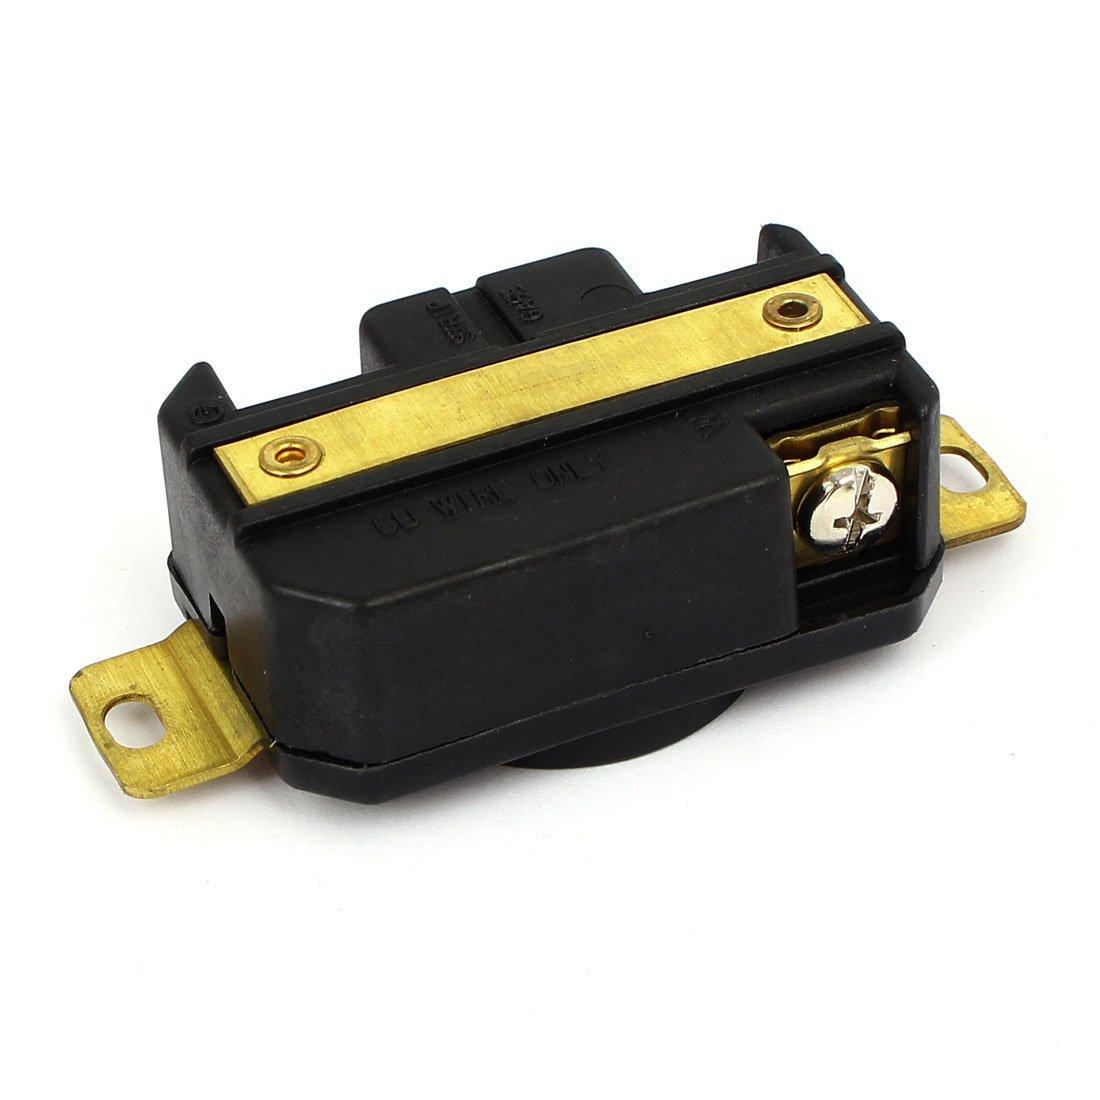 Twist eDealMax AC 125V 20A US Socket serratura elettrica Presa LK-2321F NEMA L5-20R